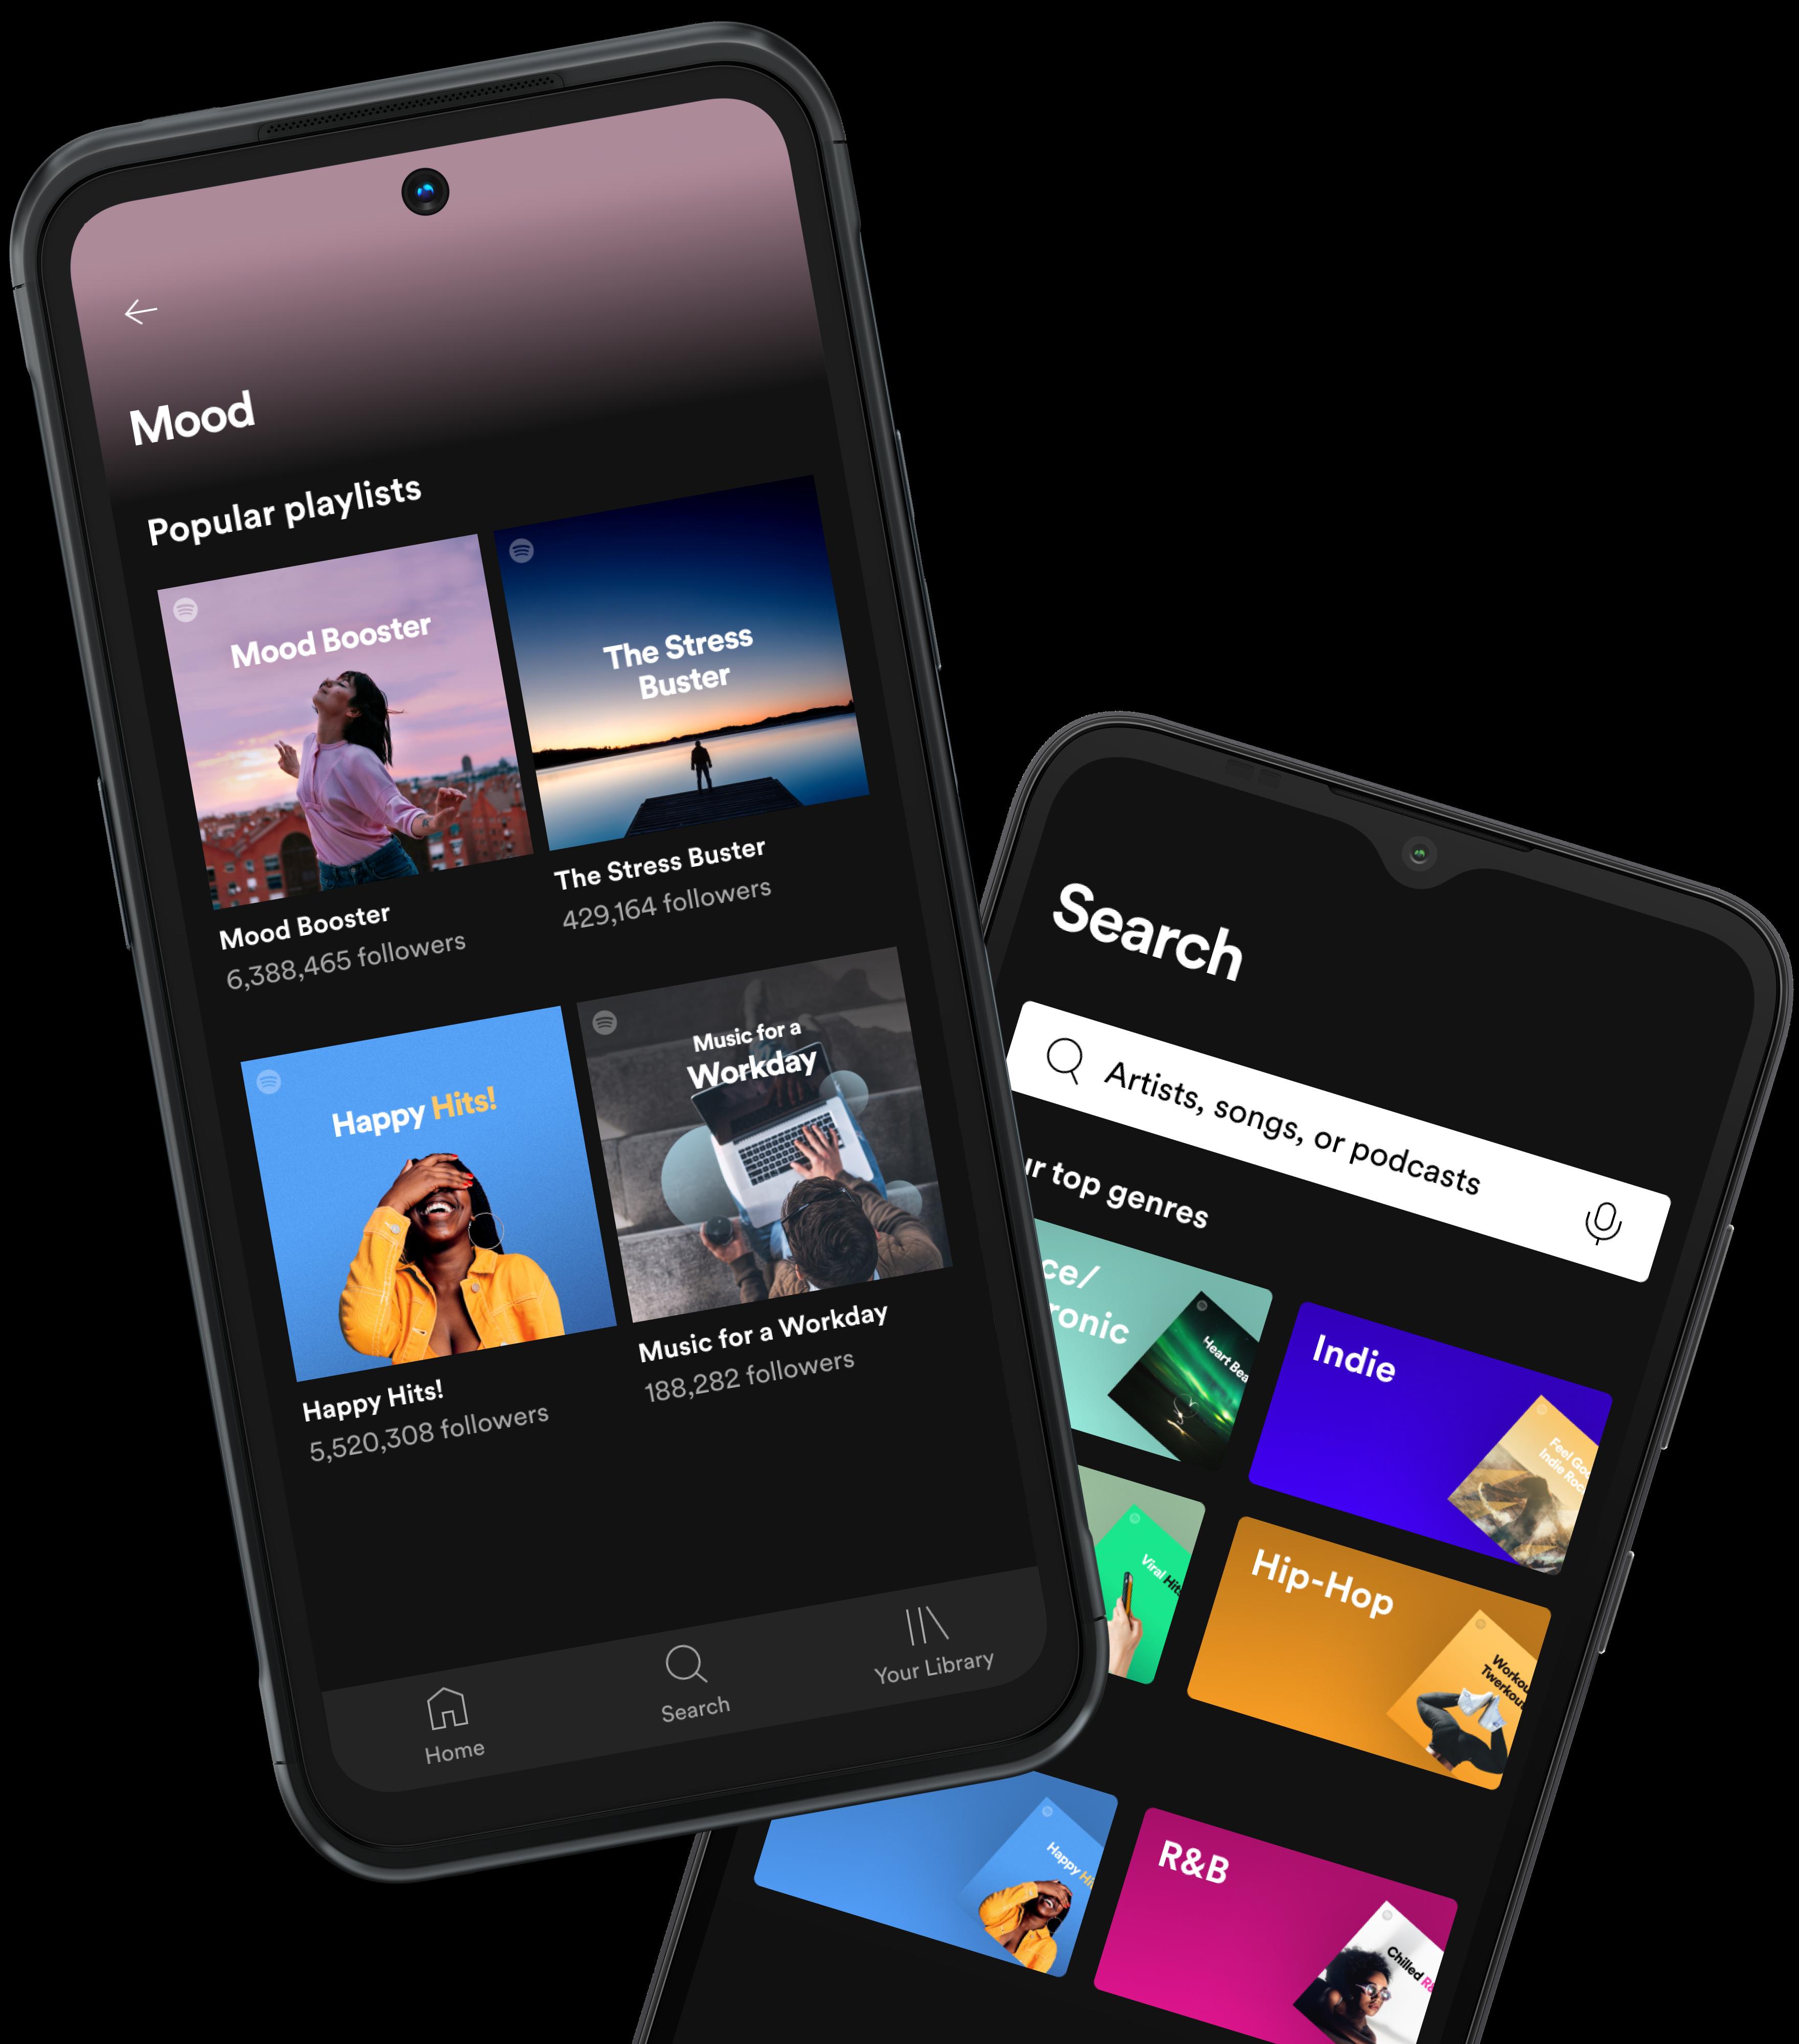 Deux smartphones Nokia en train de parcourir des chansons et des podcasts dans l'application Spotify.